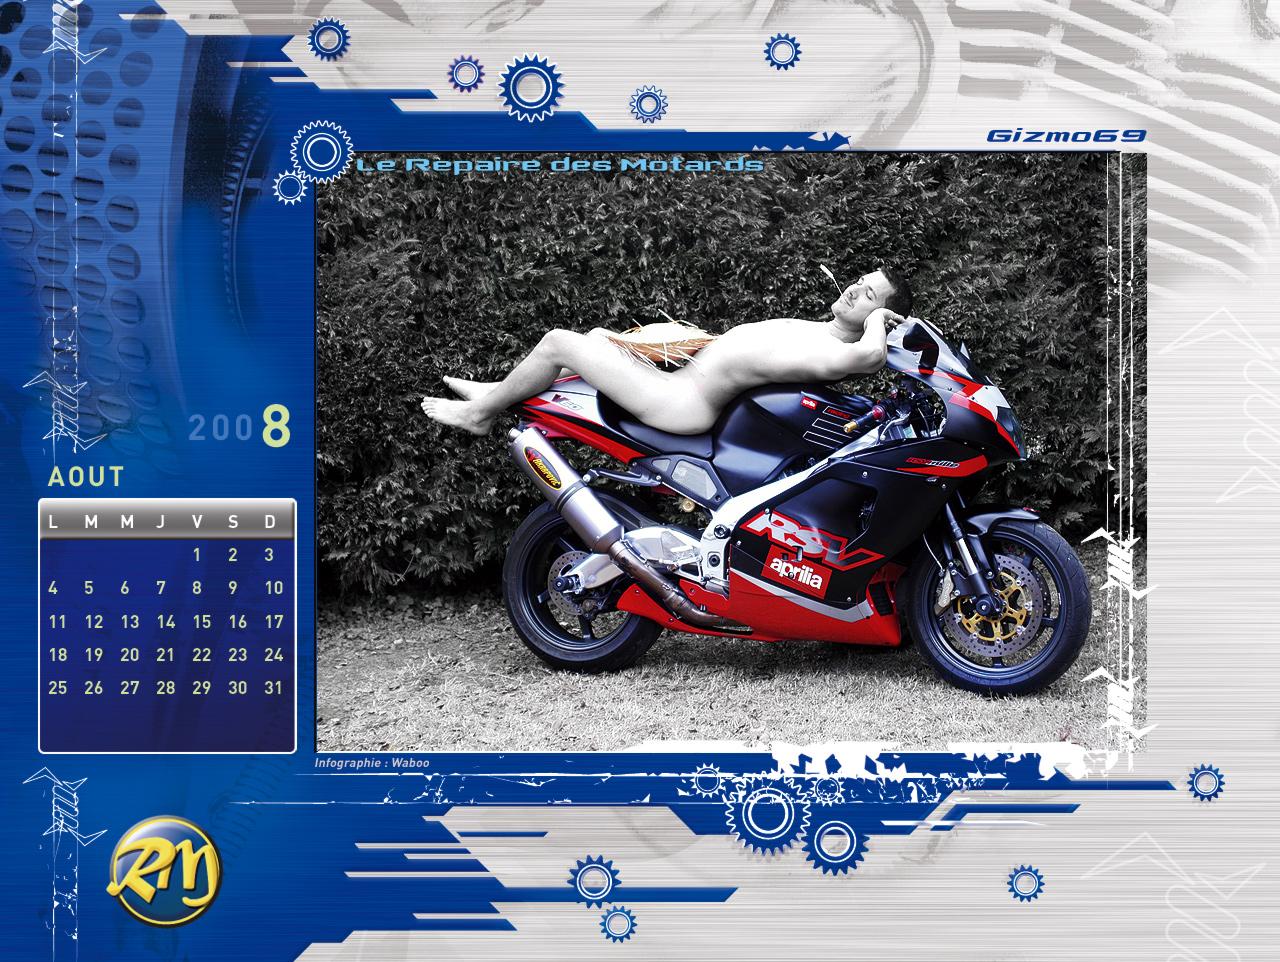 Beaux mecs en moto - Page 2 Aout2008_